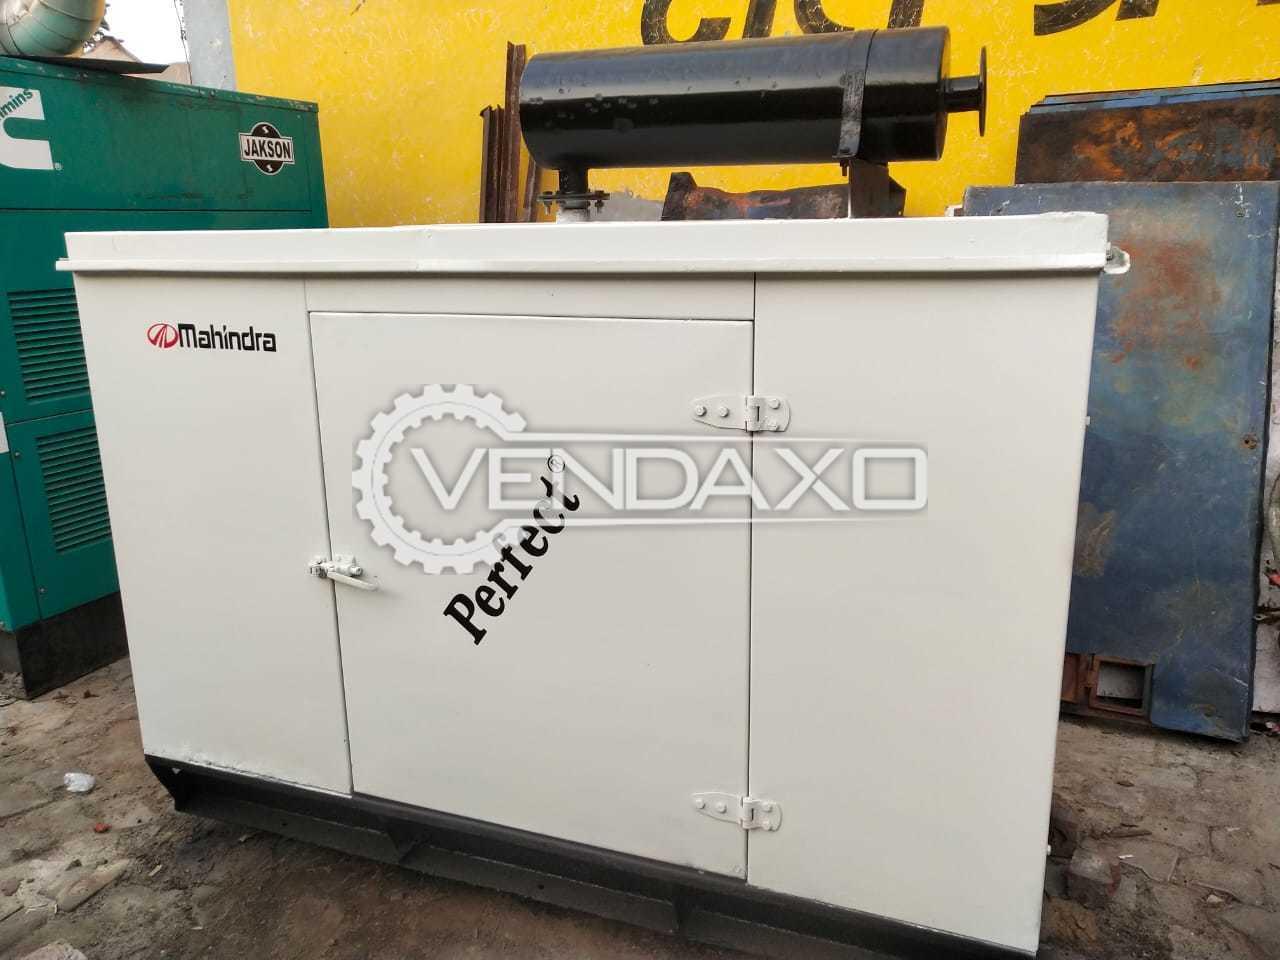 Mahindra Perfect Diesel Generator - 15 Kva, 2005 Model